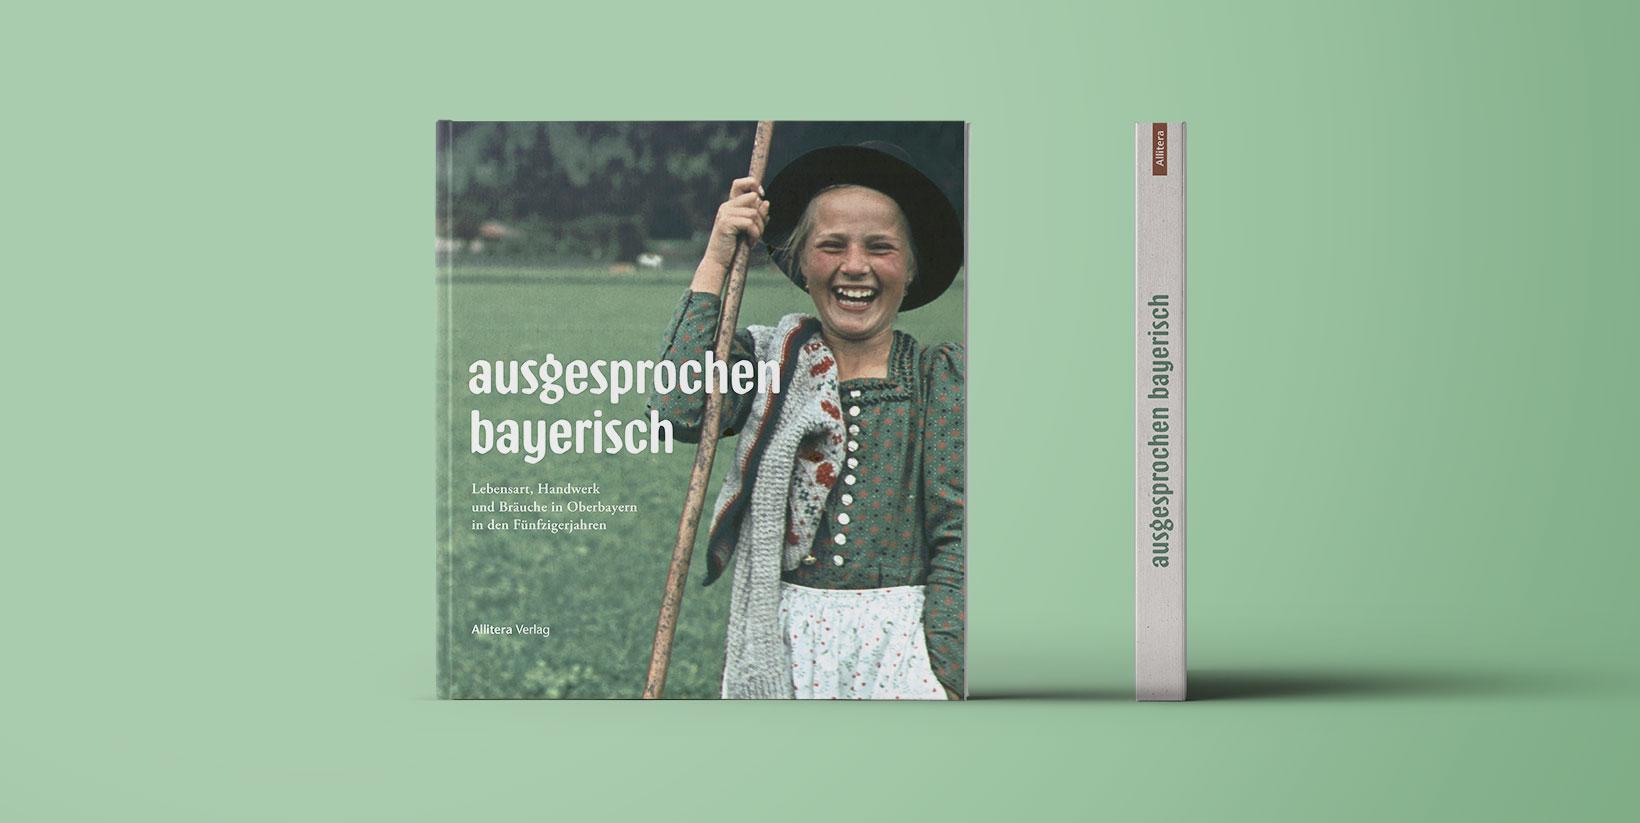 Buchcover Paul Ernst Rattelmüller ausgesprochen bayerisch